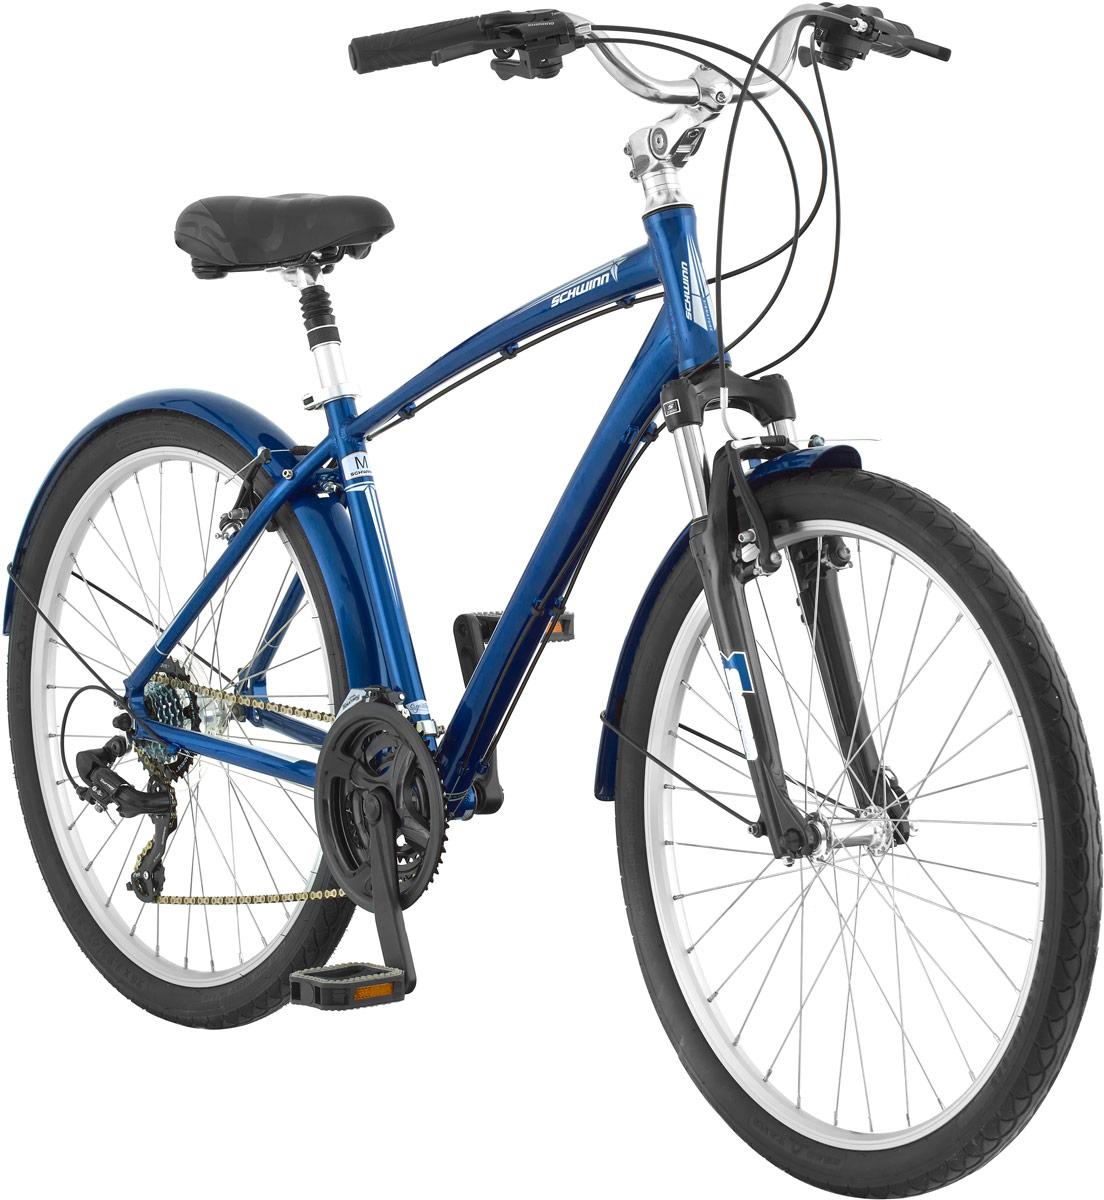 На протяжении долгого времени Schwinn Sierra - это самый популярный мужской комфортный велосипед для города и парков. Залогом комфортной езды является амортизационная вилка, которая отлично гасит вибрации на руле, комфортное подпружиненное седло и амортизационный подседельный штырь. Педали вынесены далеко вперед относительно седла, это делает посадку еще более расслабленной. Вынос руля регулируется по наклону, так что вы сможете сделать вашу посадку более прямой для комфорта, или наклонной для лучшей управляемости. 21 скорость четко и плавно переключается компонентами Shimano, а ведущая звезда закрыта защитой, для сохранения вашей одежды в чистоте.  Алюминиевая рама Schwinn Comfort, Амортизационная вилка SR Suntour M3010, Вынос руля регулируется по наклону, Подпружиненное седло, Амортизационный подседельный штырь, Переключатели Shimano Tourney, 21 скорость, Ободные тормоза, Двойные обода Alex Rims